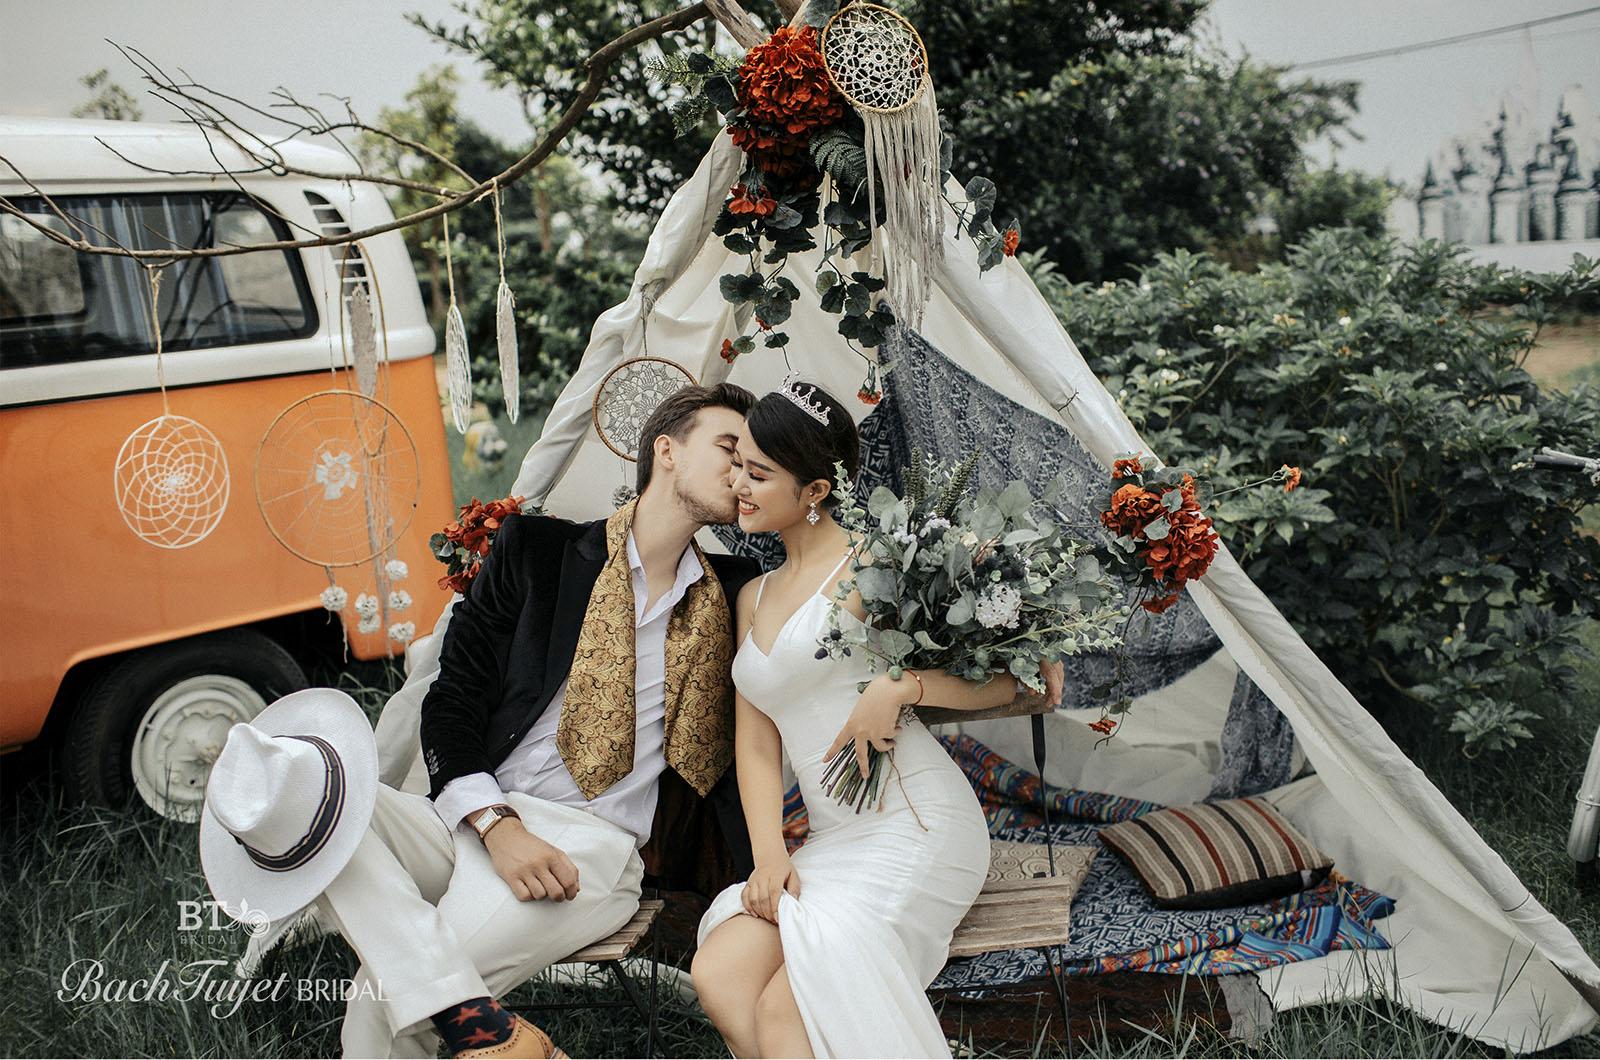 Ghi lại khoảnh khắc đáng nhớ với 11 ý tưởng chụp ảnh cưới độc – lạ – chất